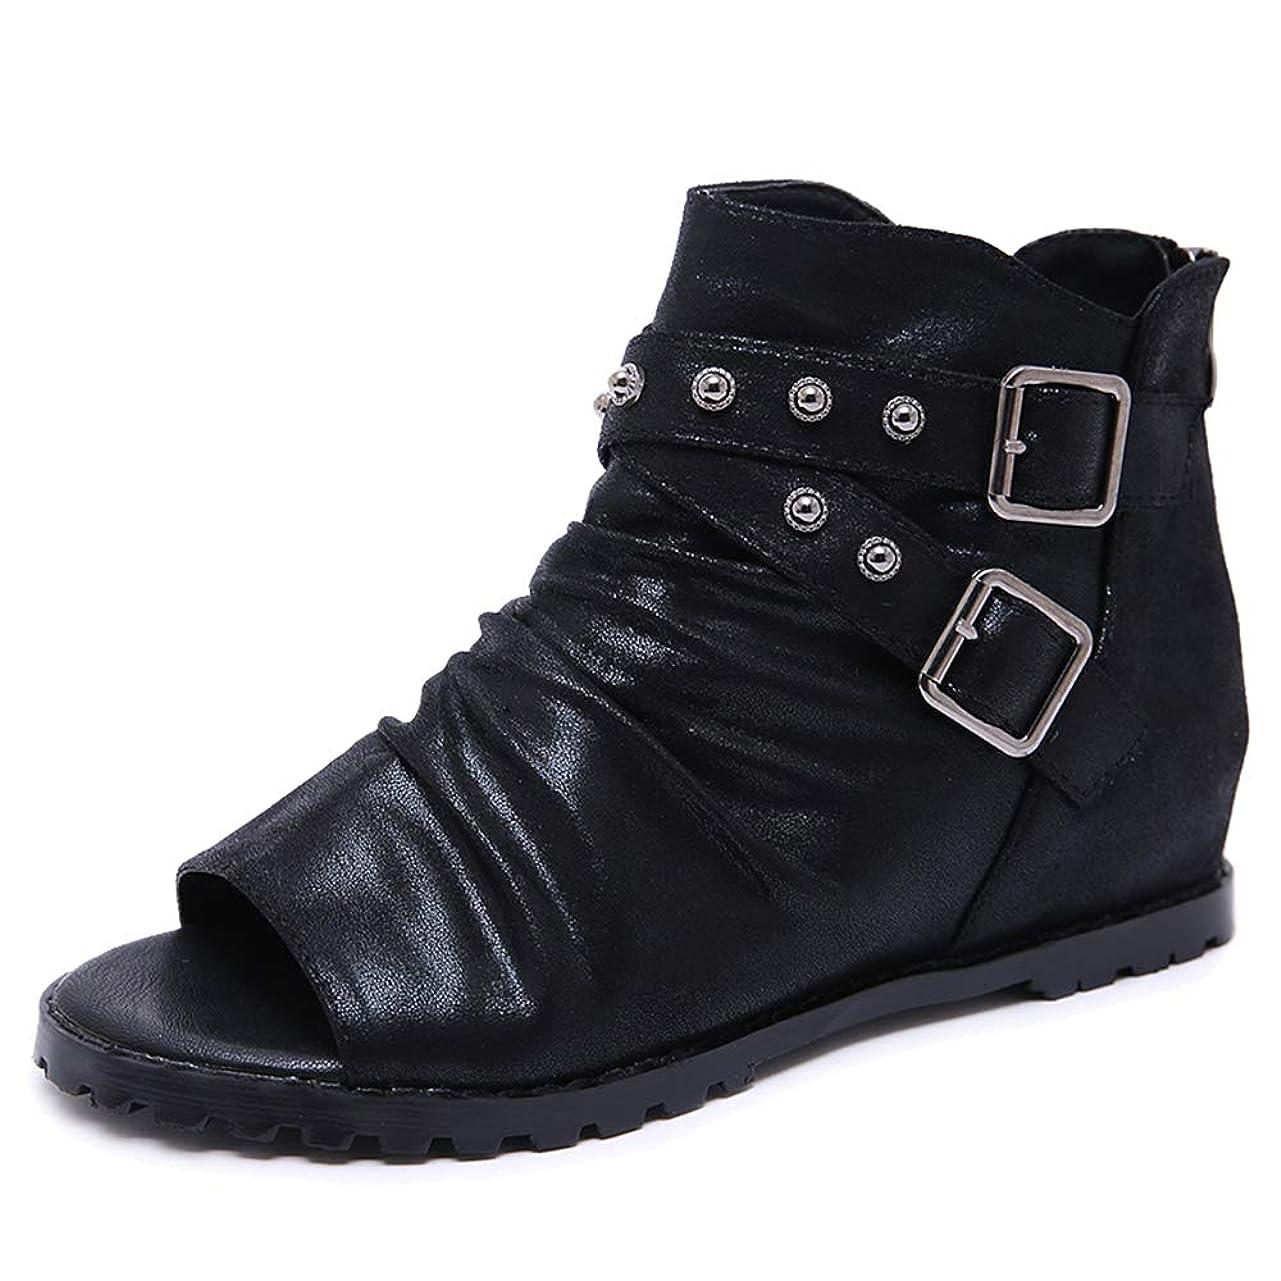 静けさシートストロー[Lydee] レディース クラシック 夏靴 ハイトップ グラディエーター サンダル